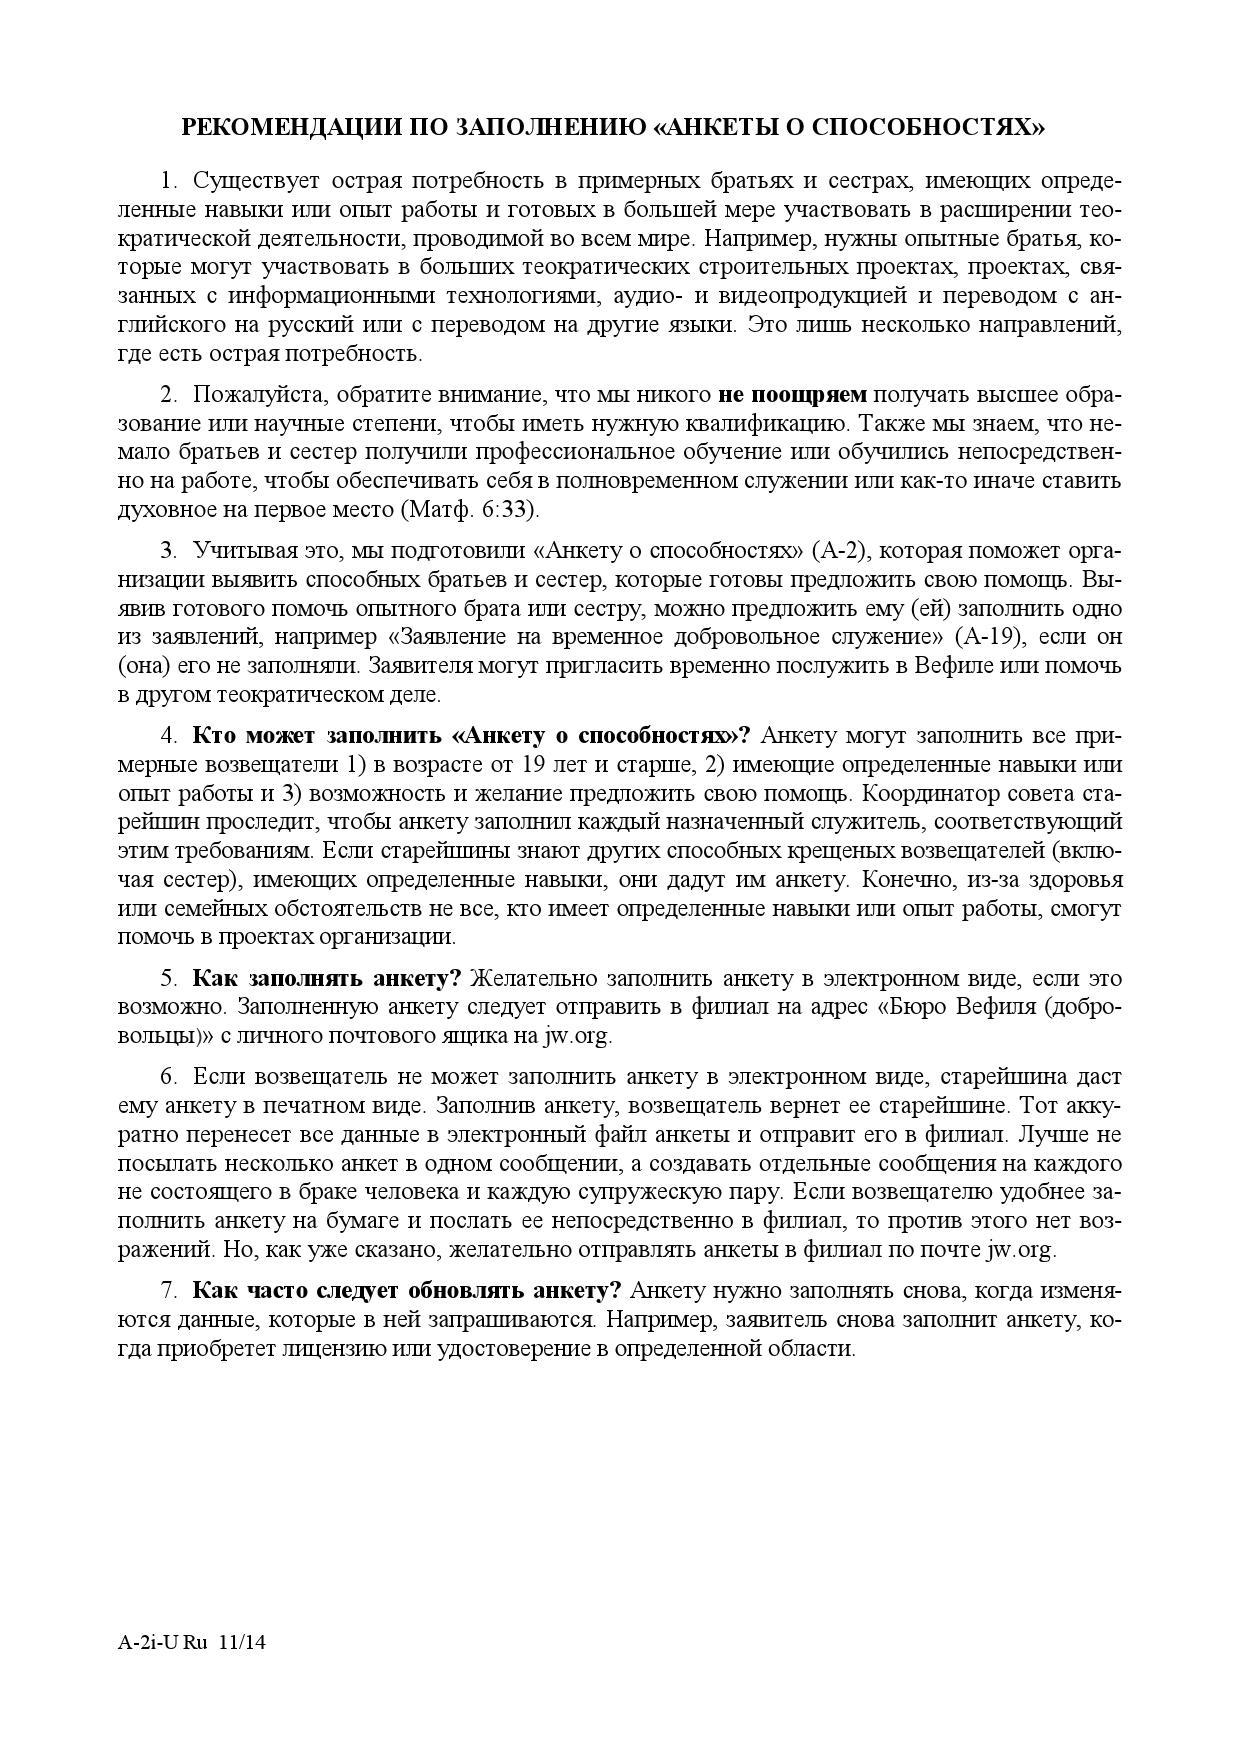 A-2i-U-Ru_000001